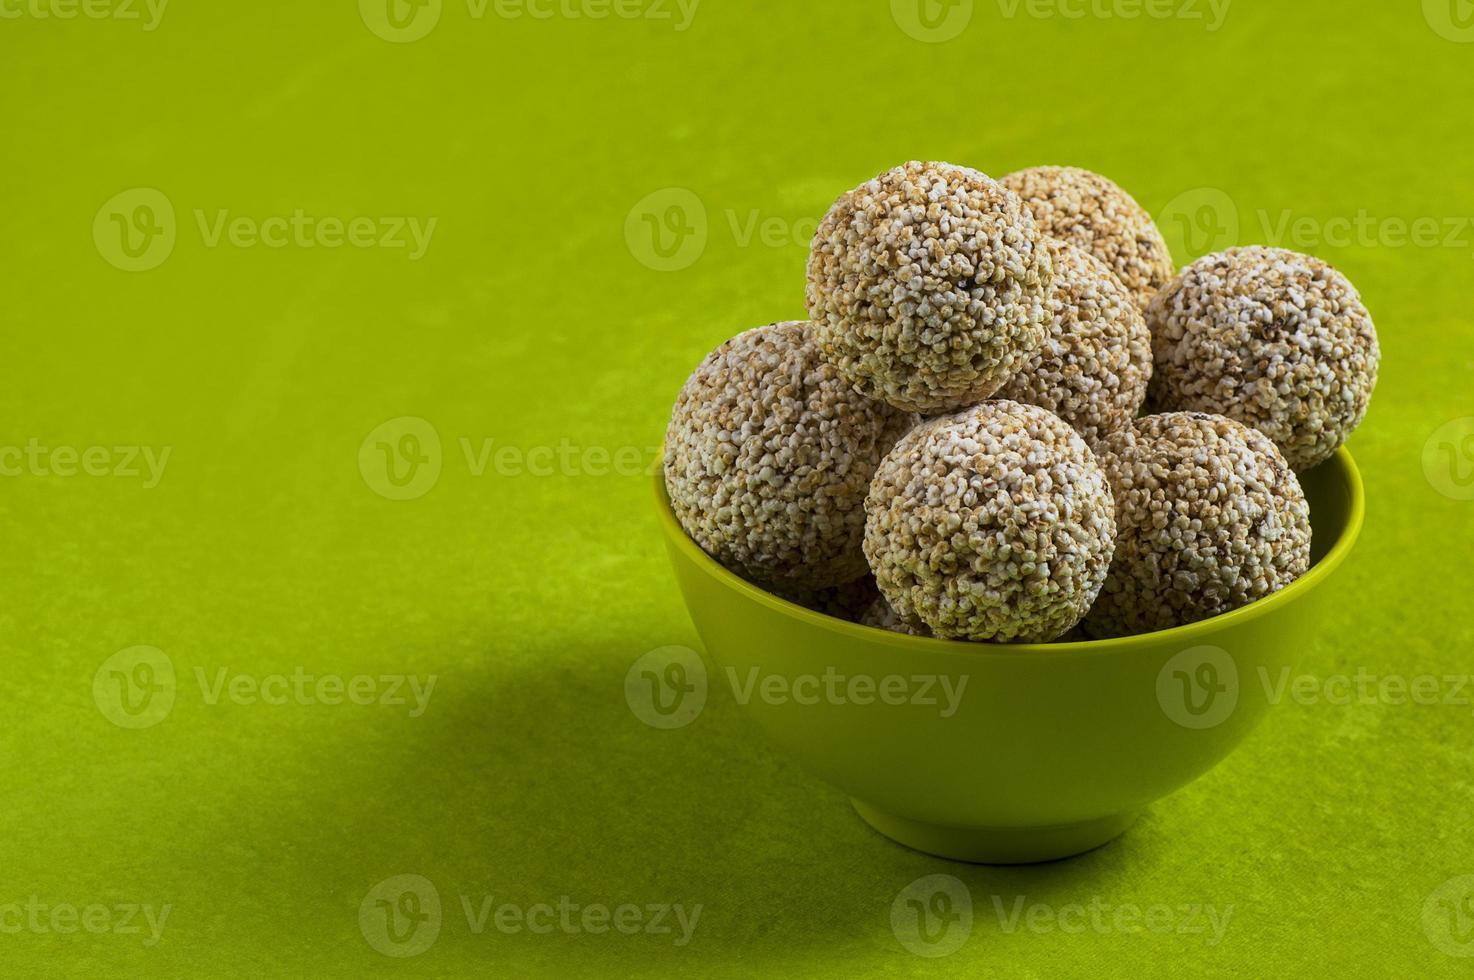 amaranto ou rajgira laddu, cholai ke laddo em tigela verde sobre fundo verde foto